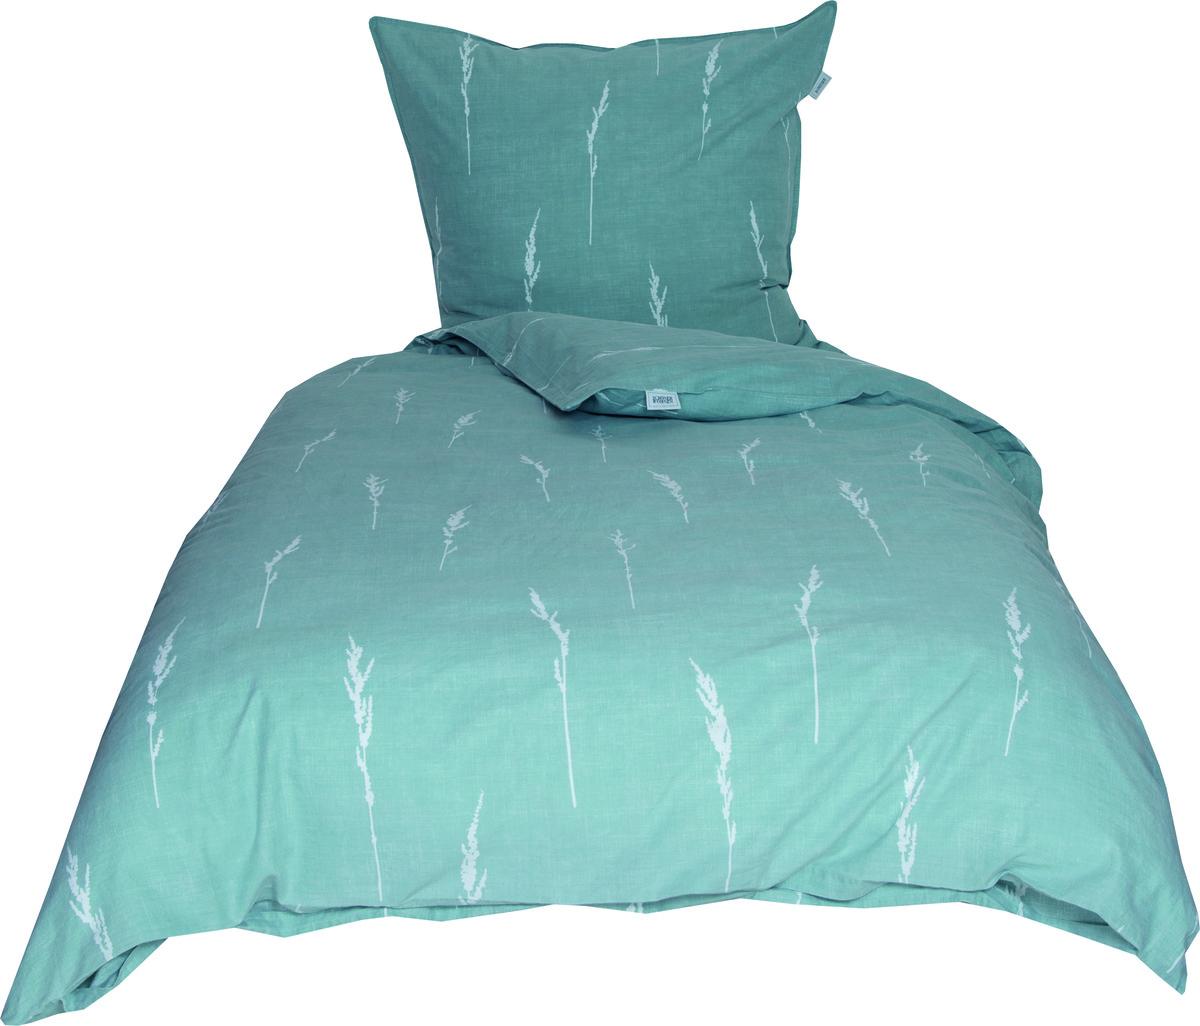 Bild 1 von Schöner Wohnen Bettwäsche, Gras-B, 135x200cm, mint